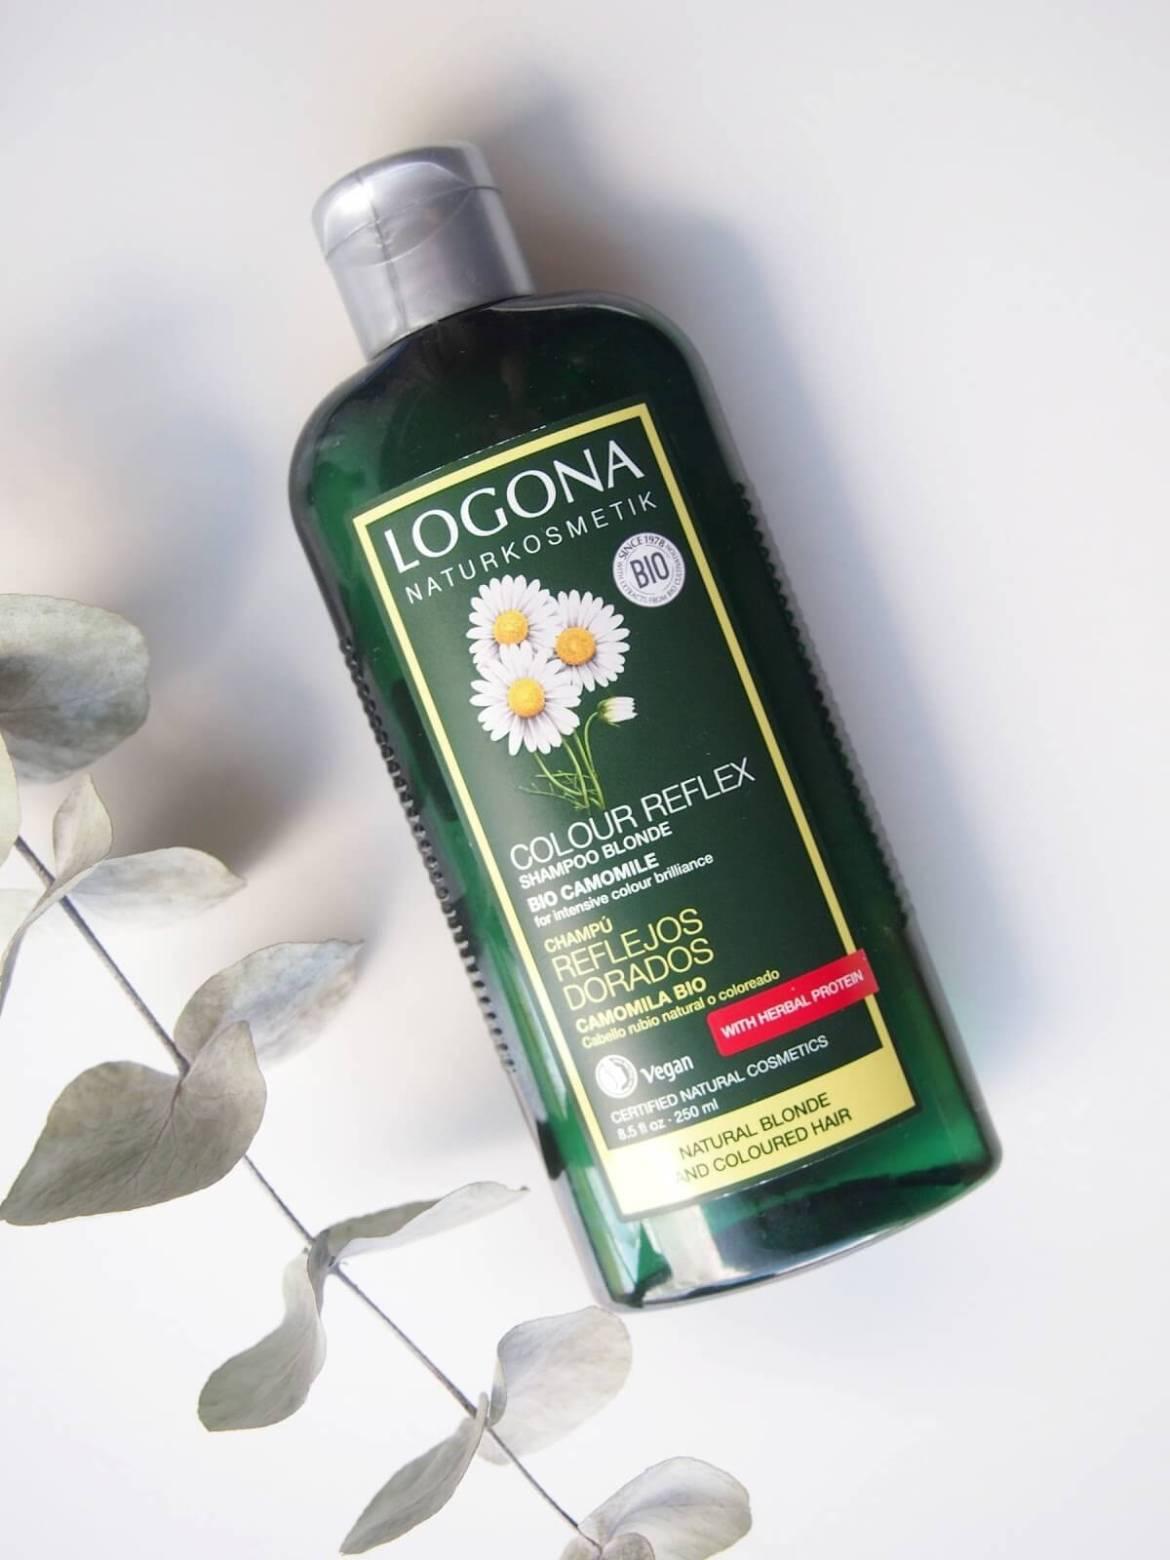 Logonan luonnonkosmetiikan shampoo